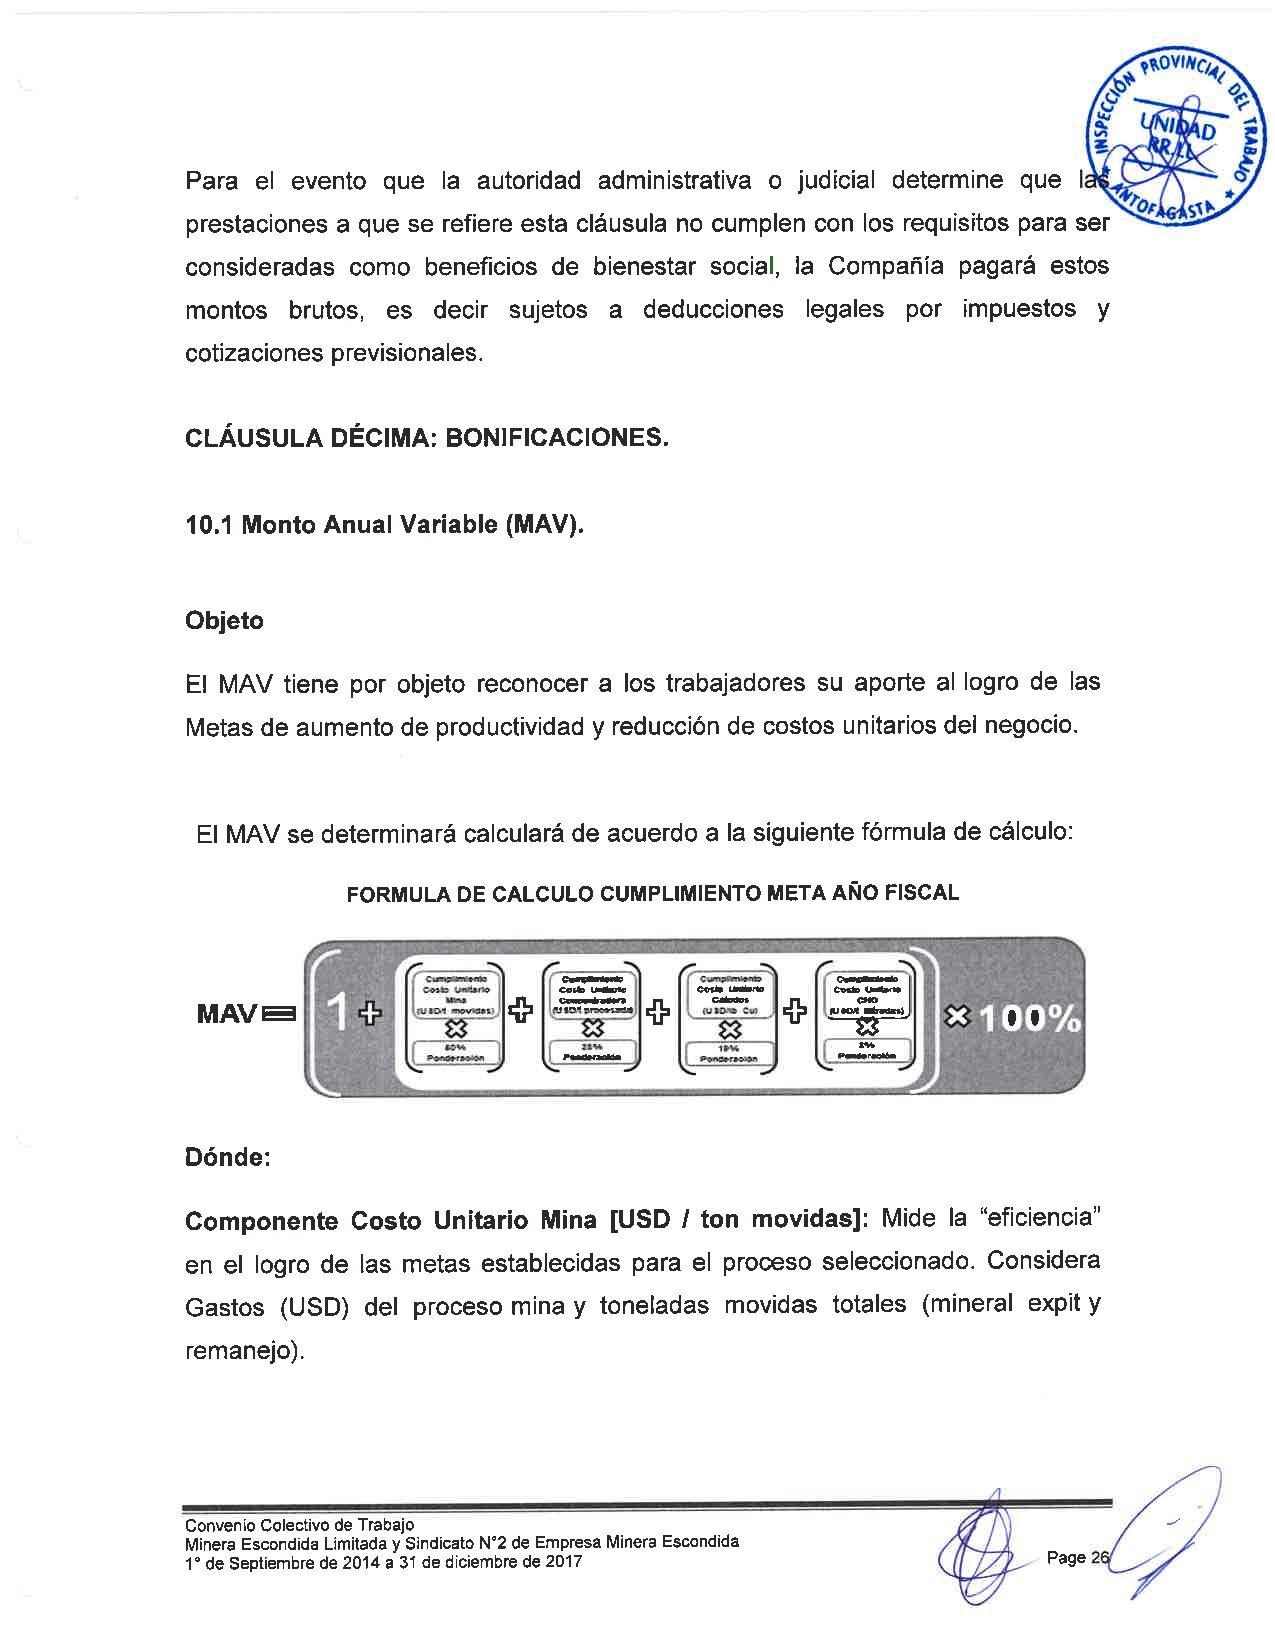 Página (26).jpg